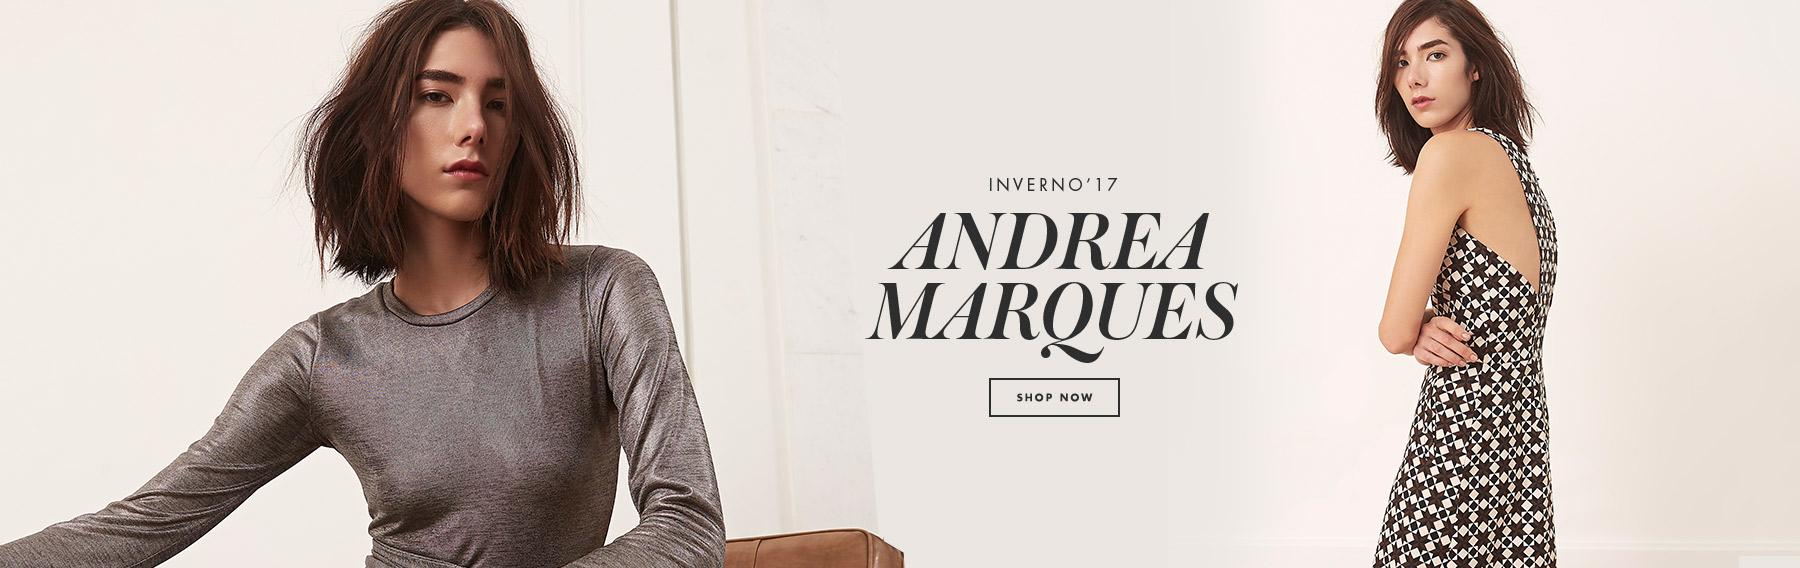 Mega Banner Andrea Marques